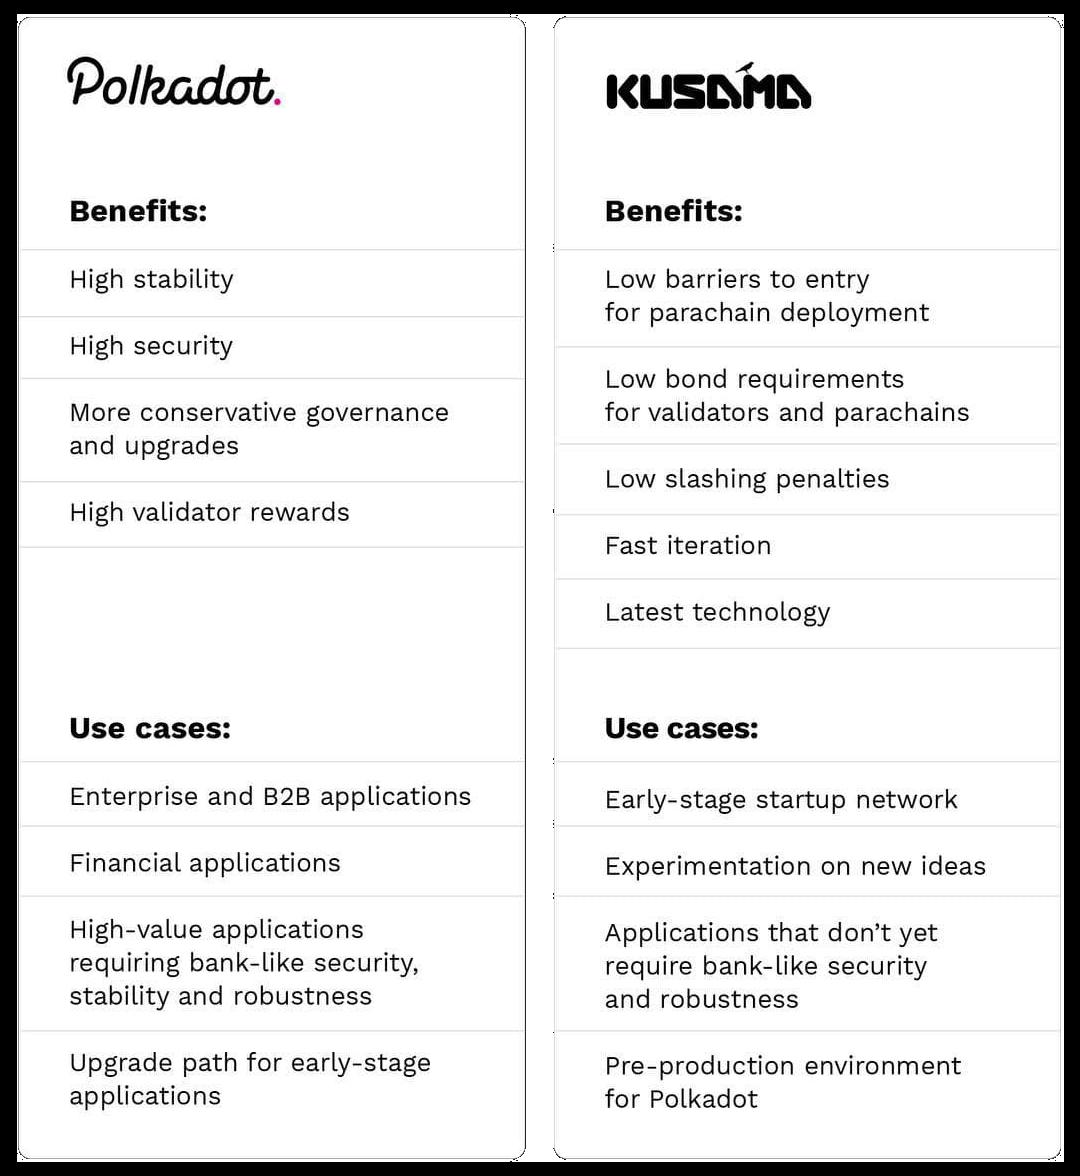 Difference Polkadot Kusama